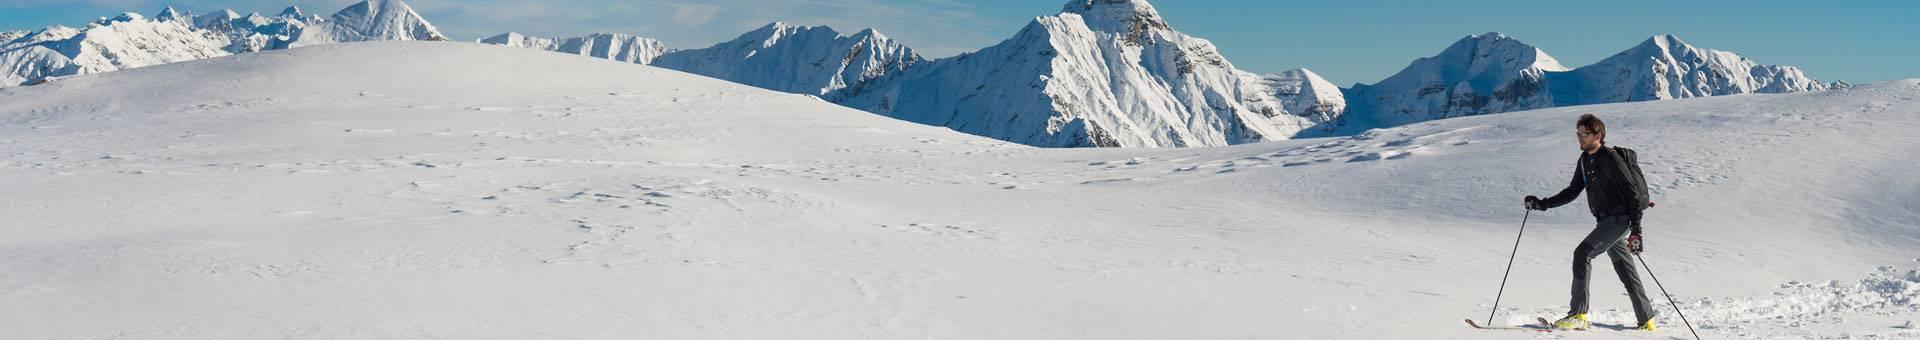 Guide di sci alpinismo